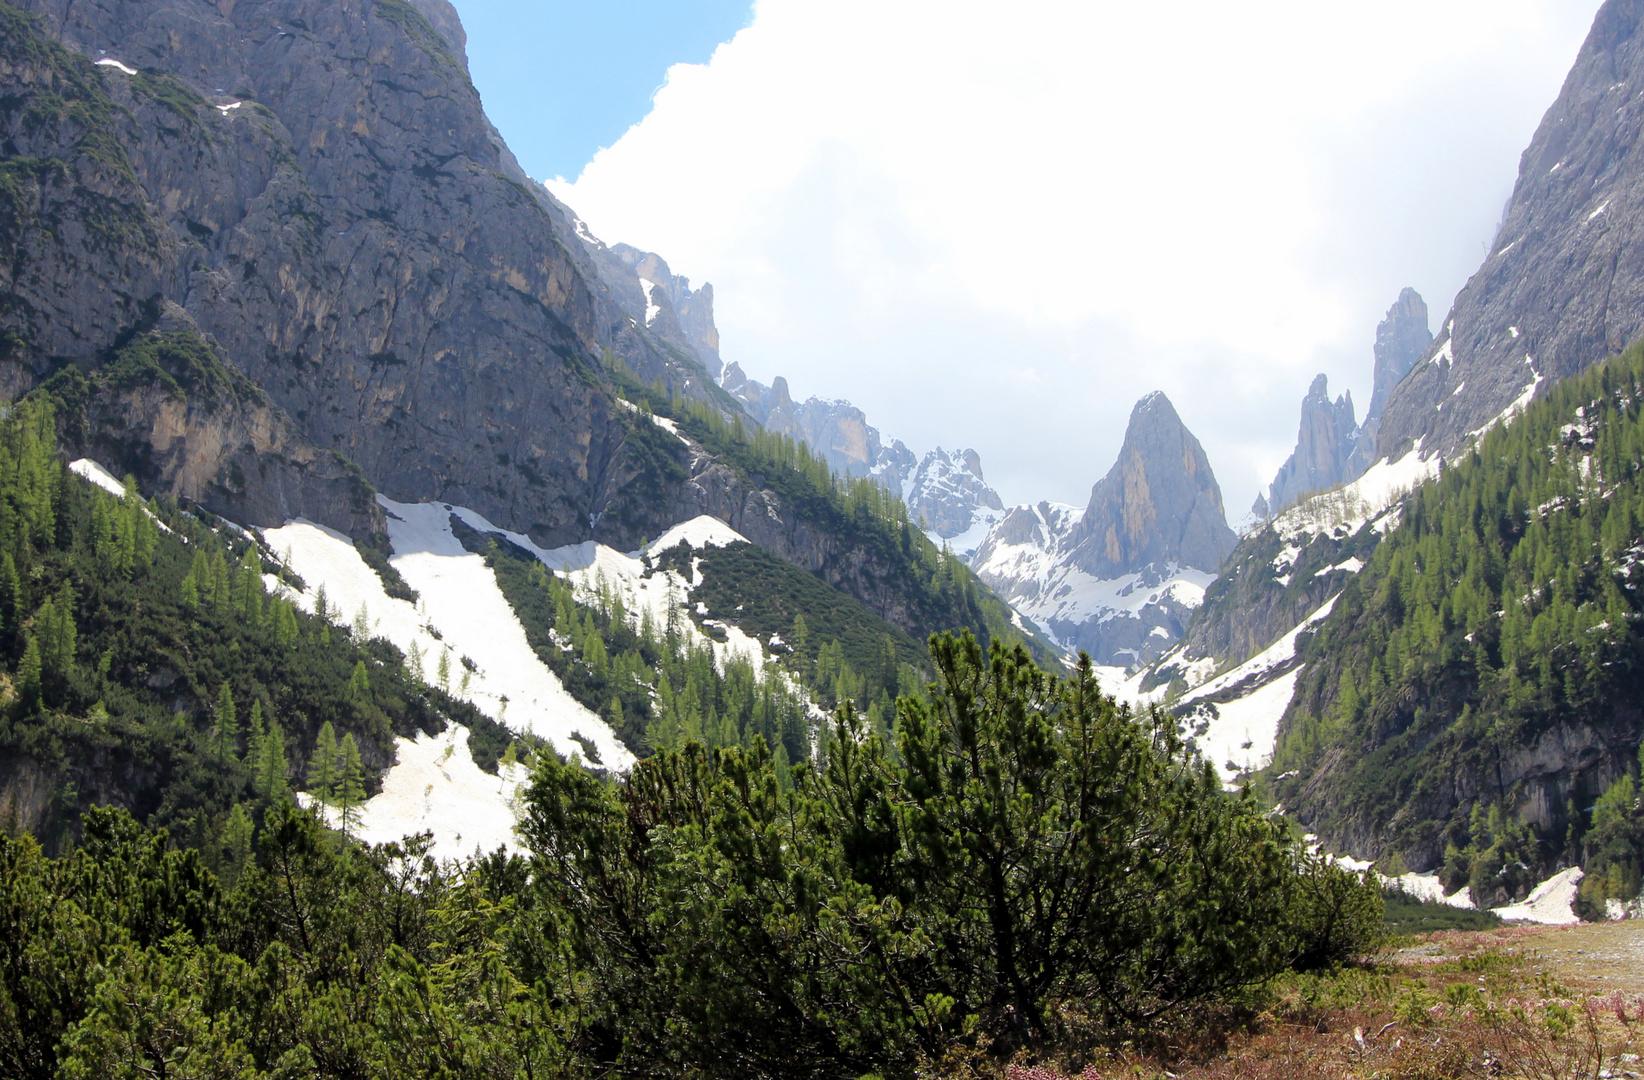 Dolomiten, vom Ende des Fischleintal gesehen